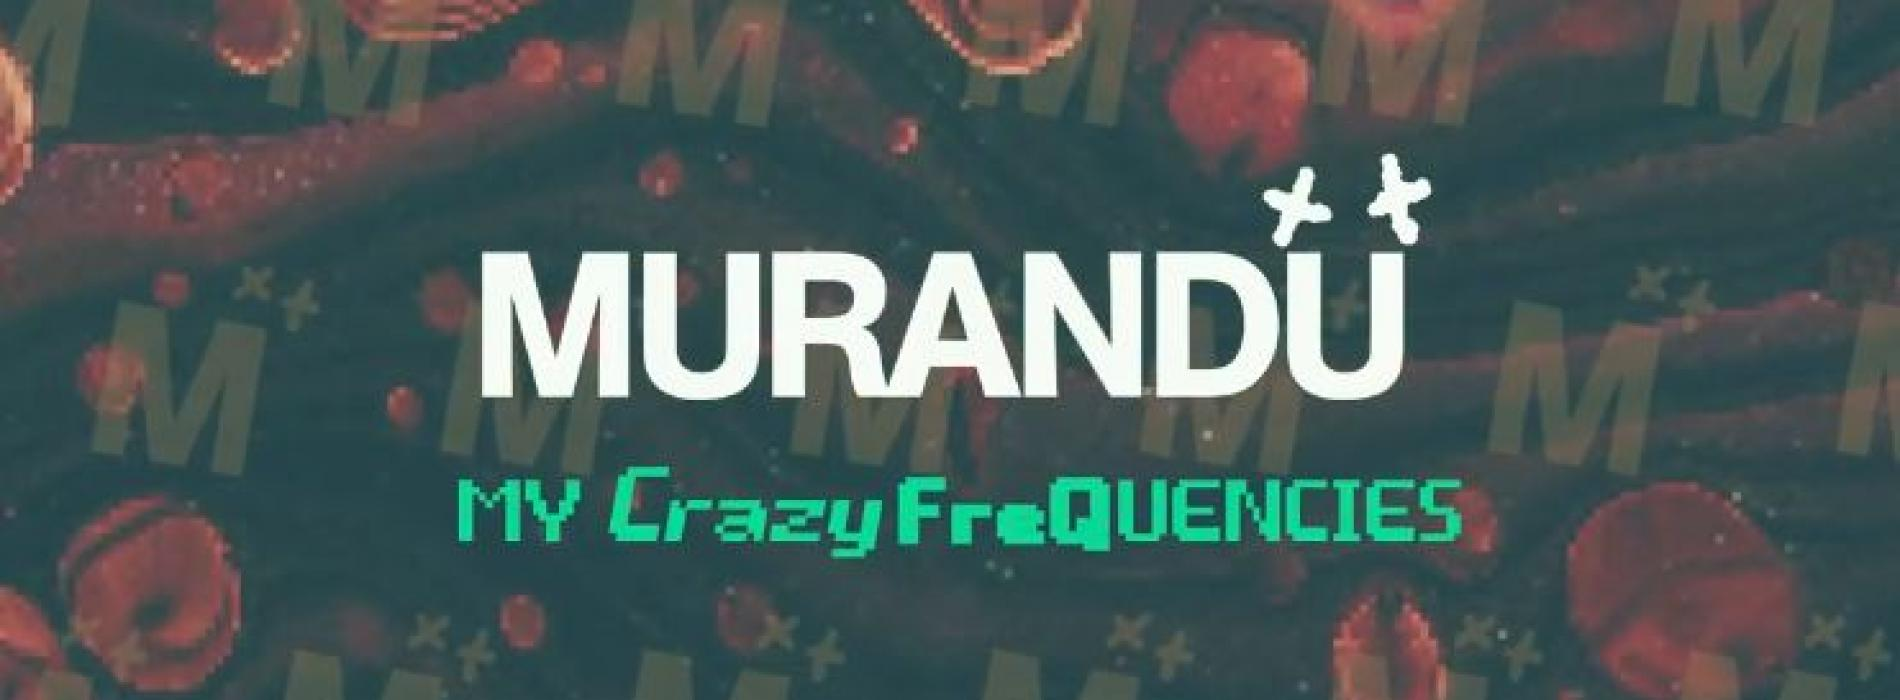 New Music : Murandu – My Crazy FreQuencies